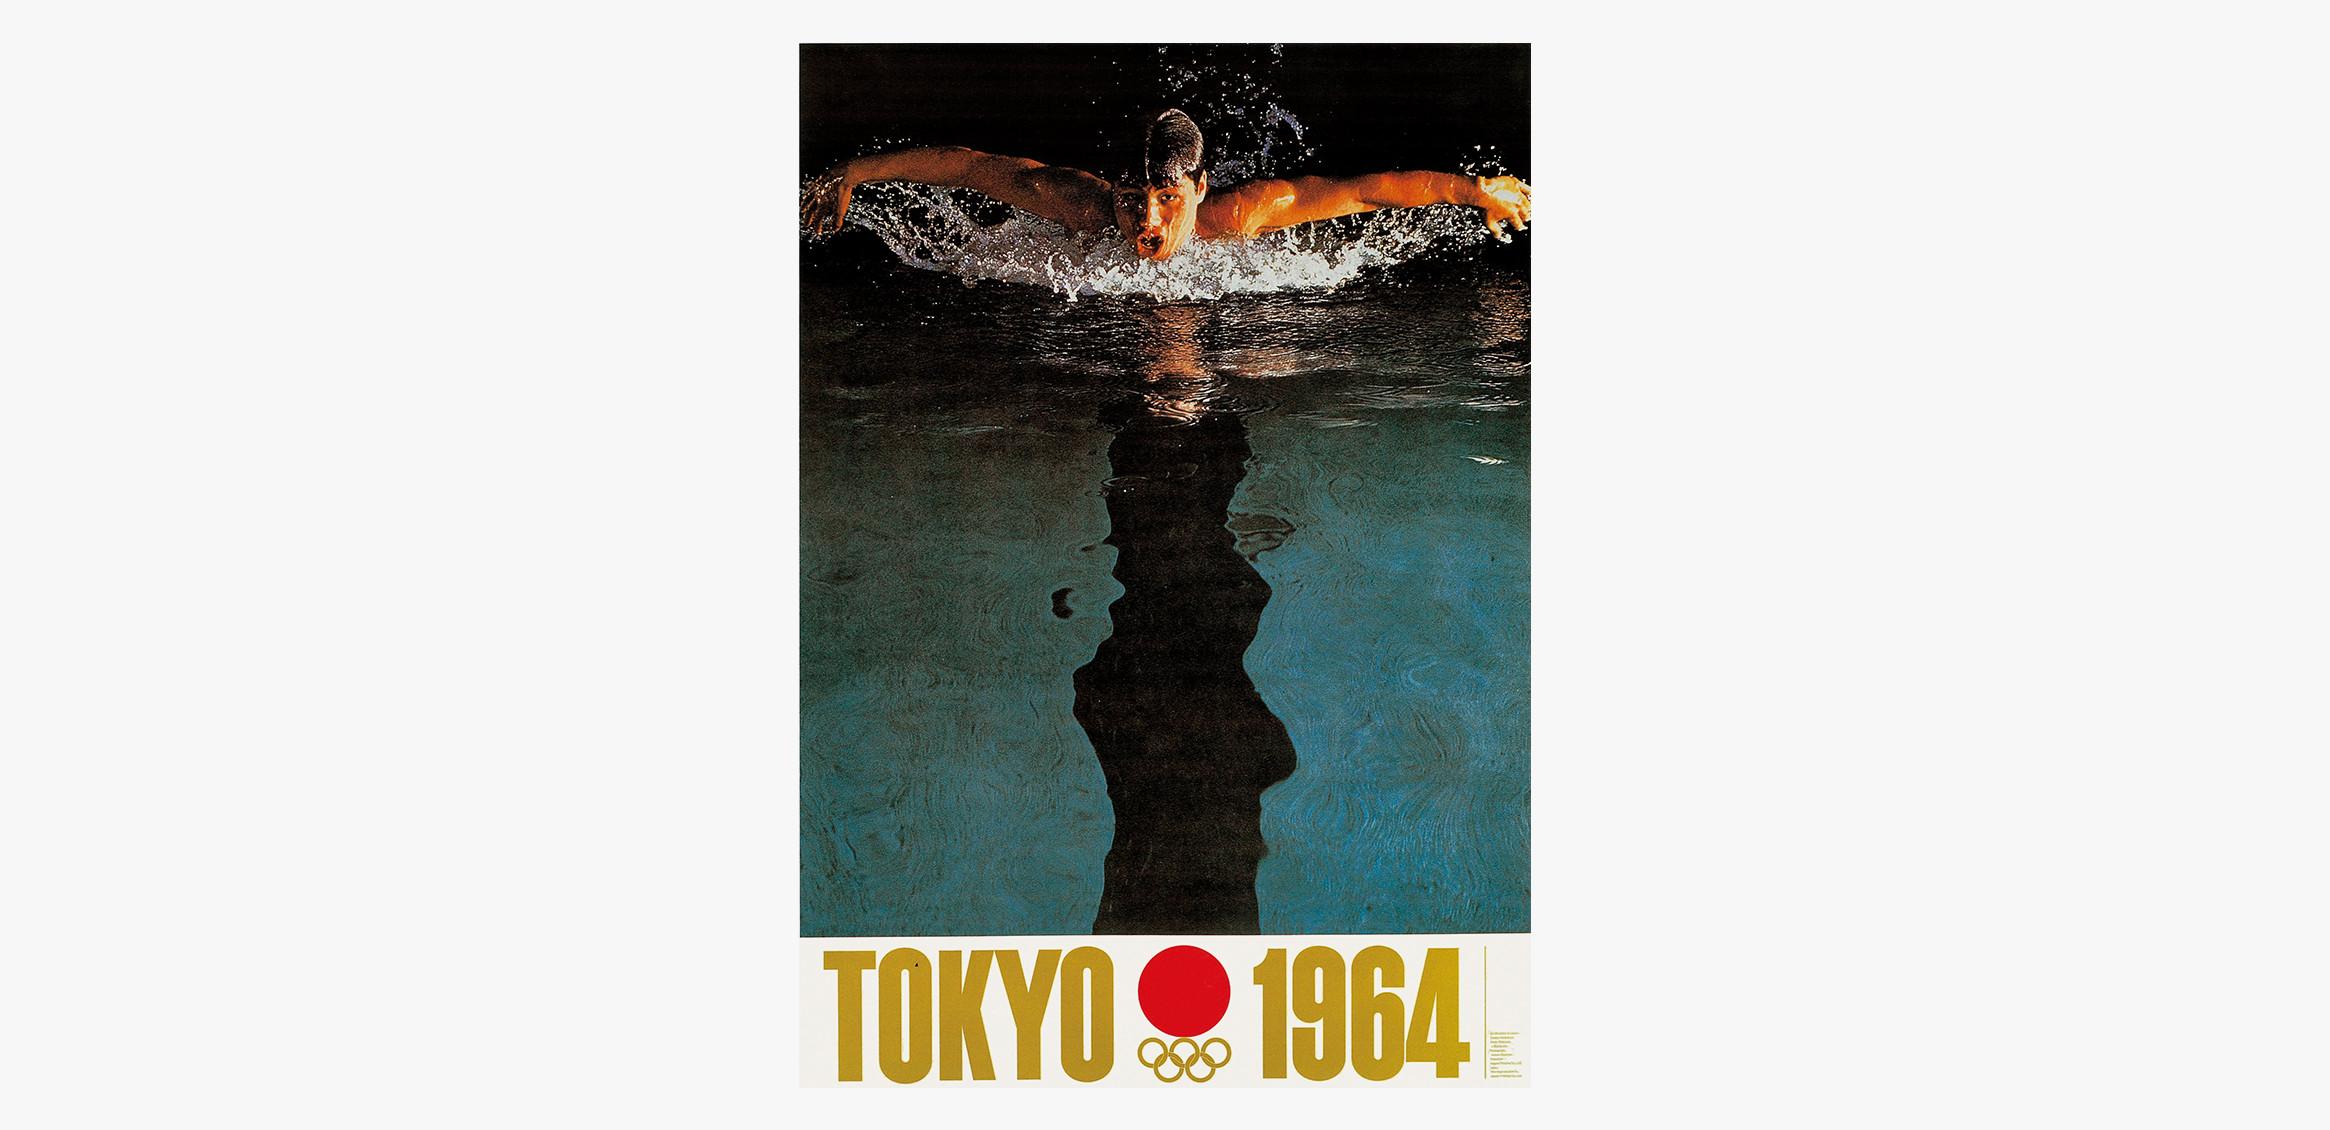 '64 東京オリンピック 第2号・第3号ポスター1枚目